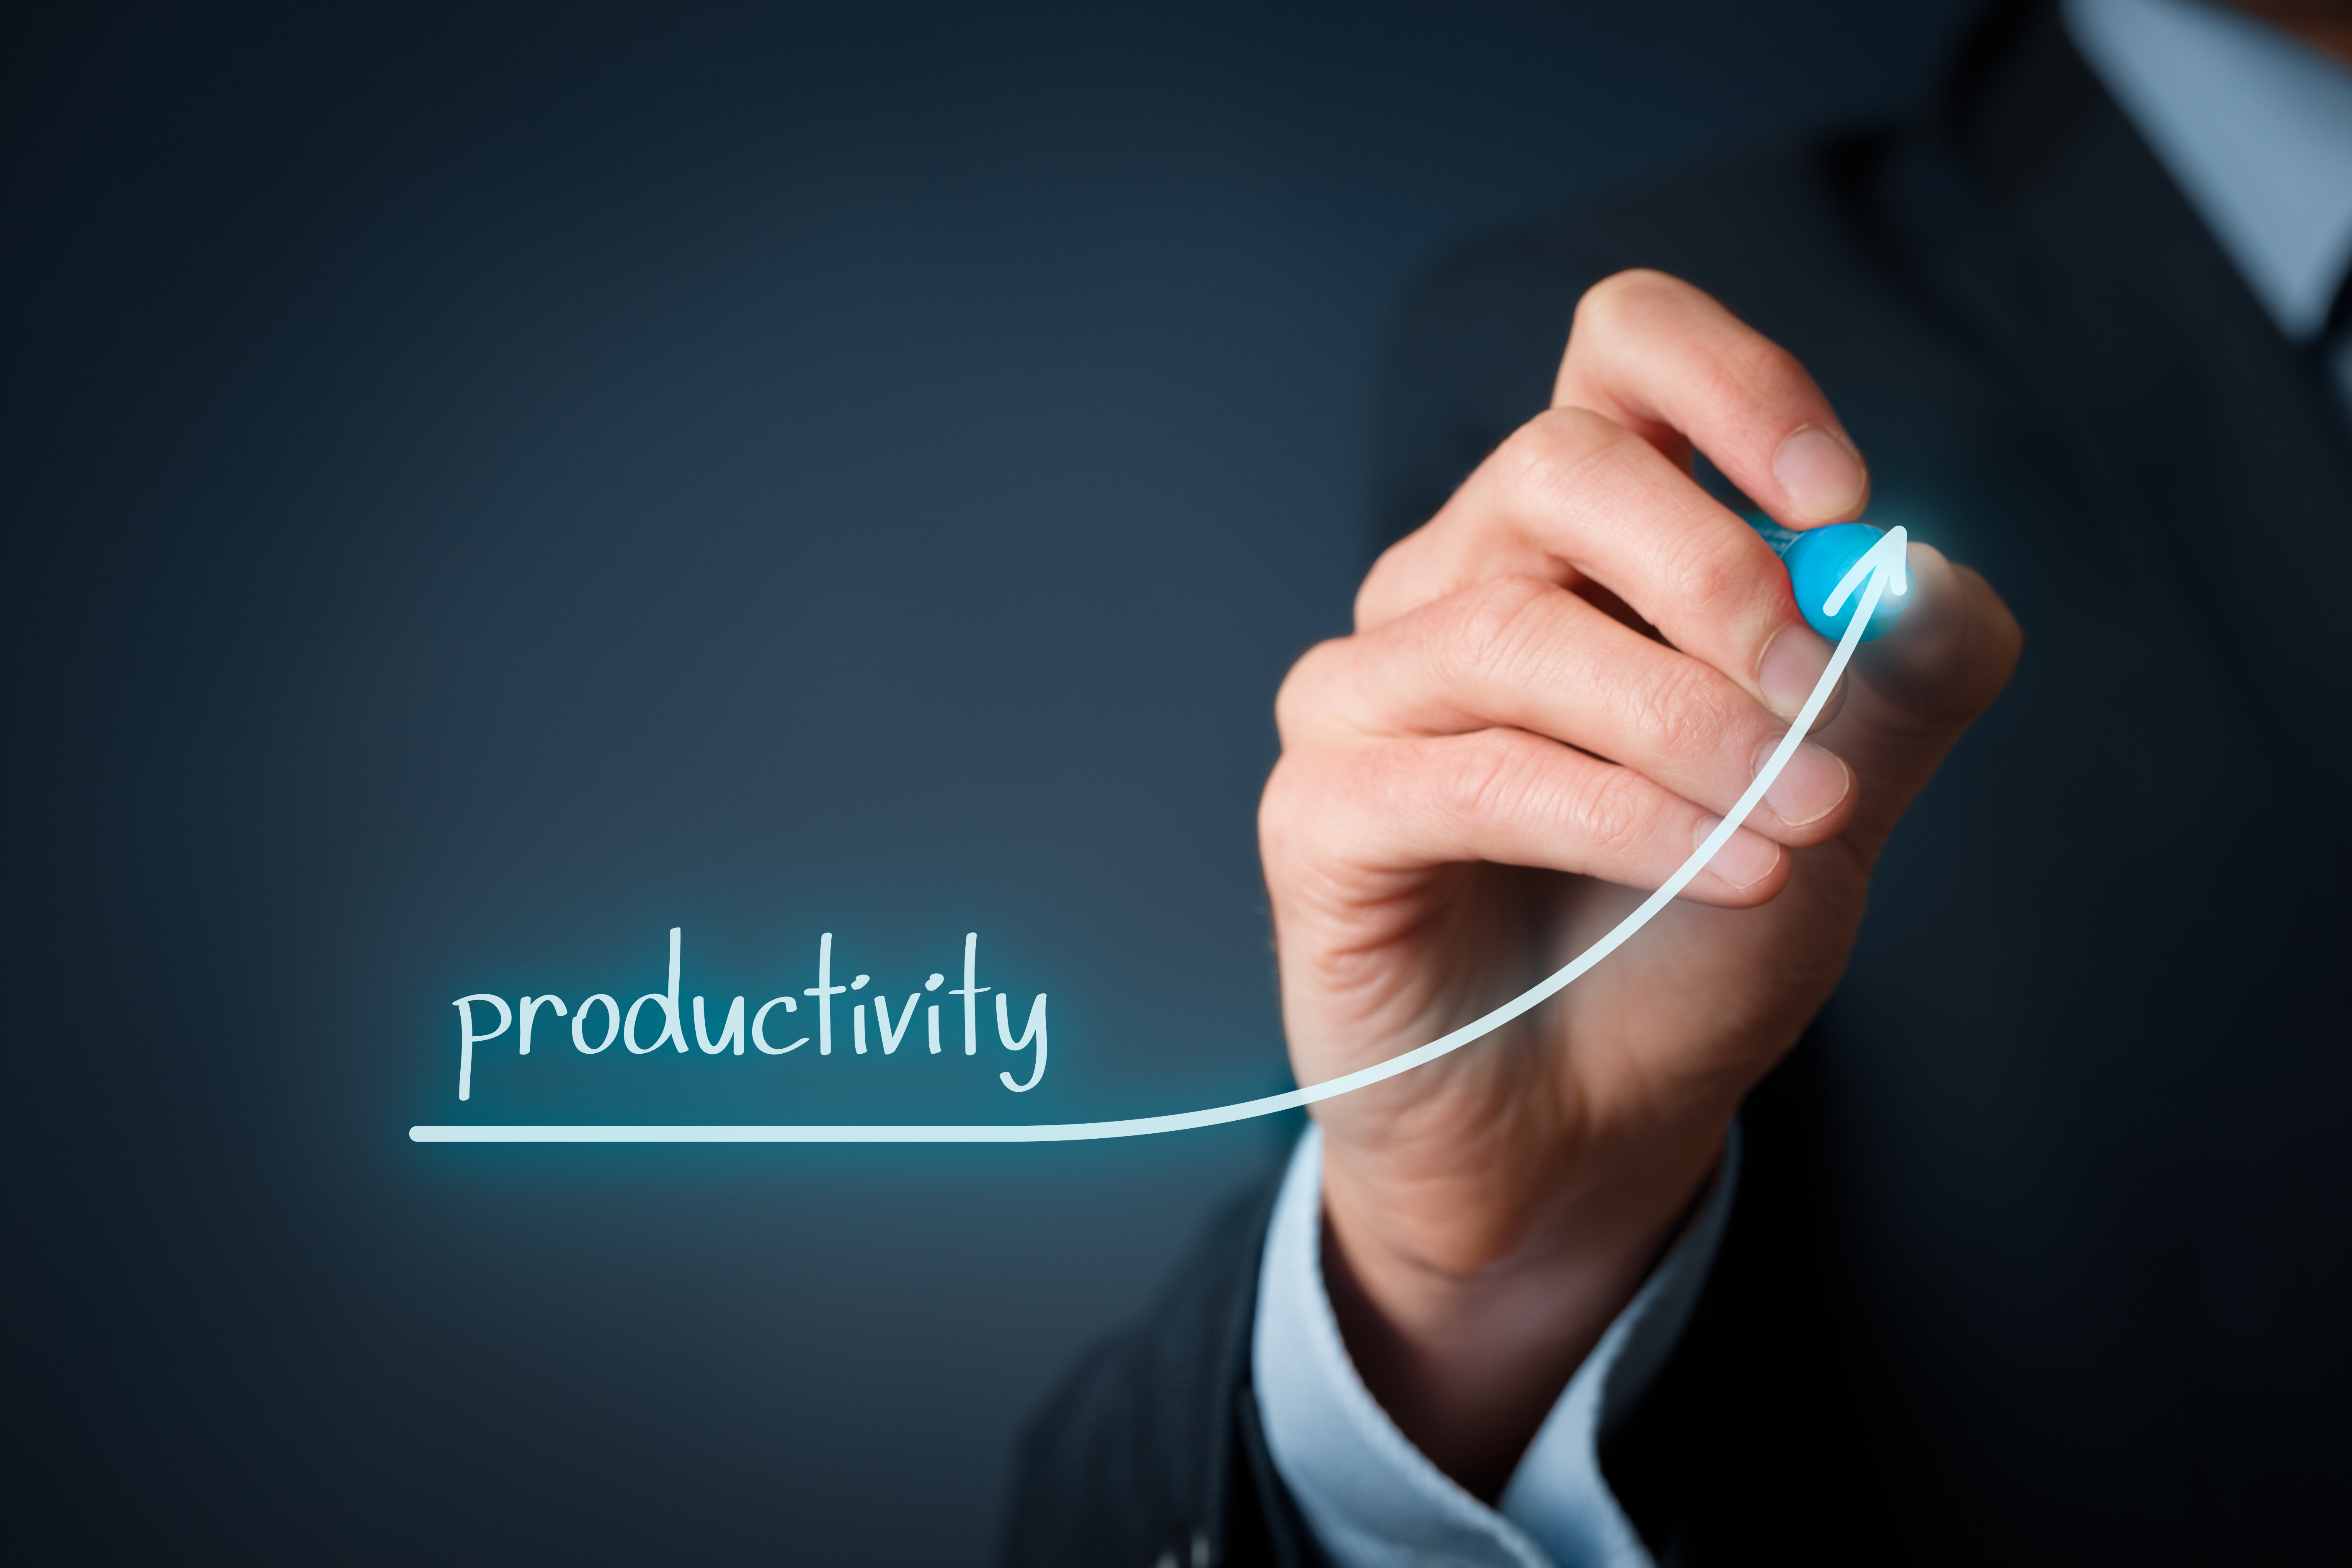 【実践事例】KPI活用で生産効率向上